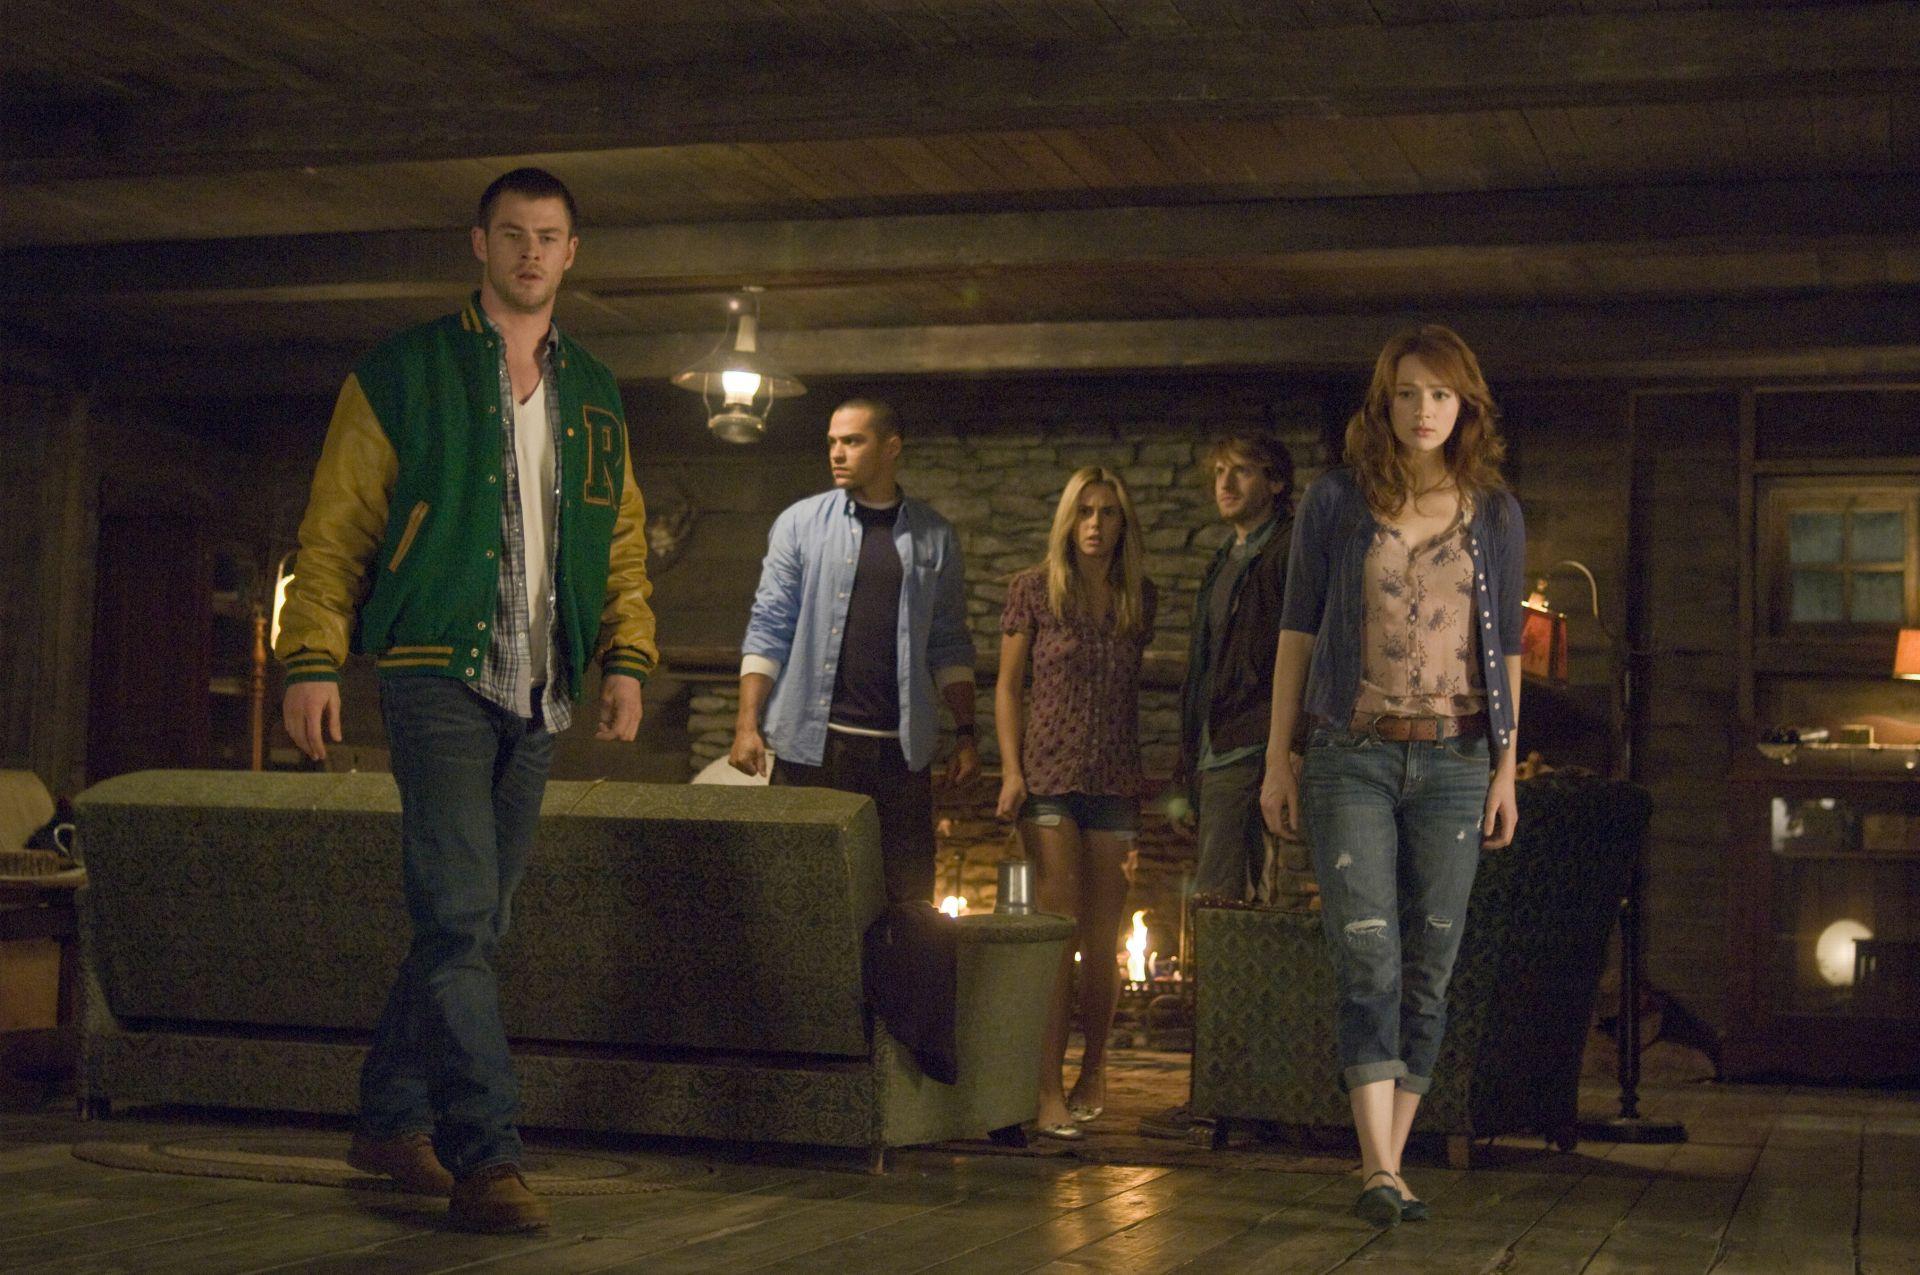 Cena do filme O Segredo da Cabana, ou The Cabin in the Woods. A imagem mostra cinco jovens em uma cabana de madeira.